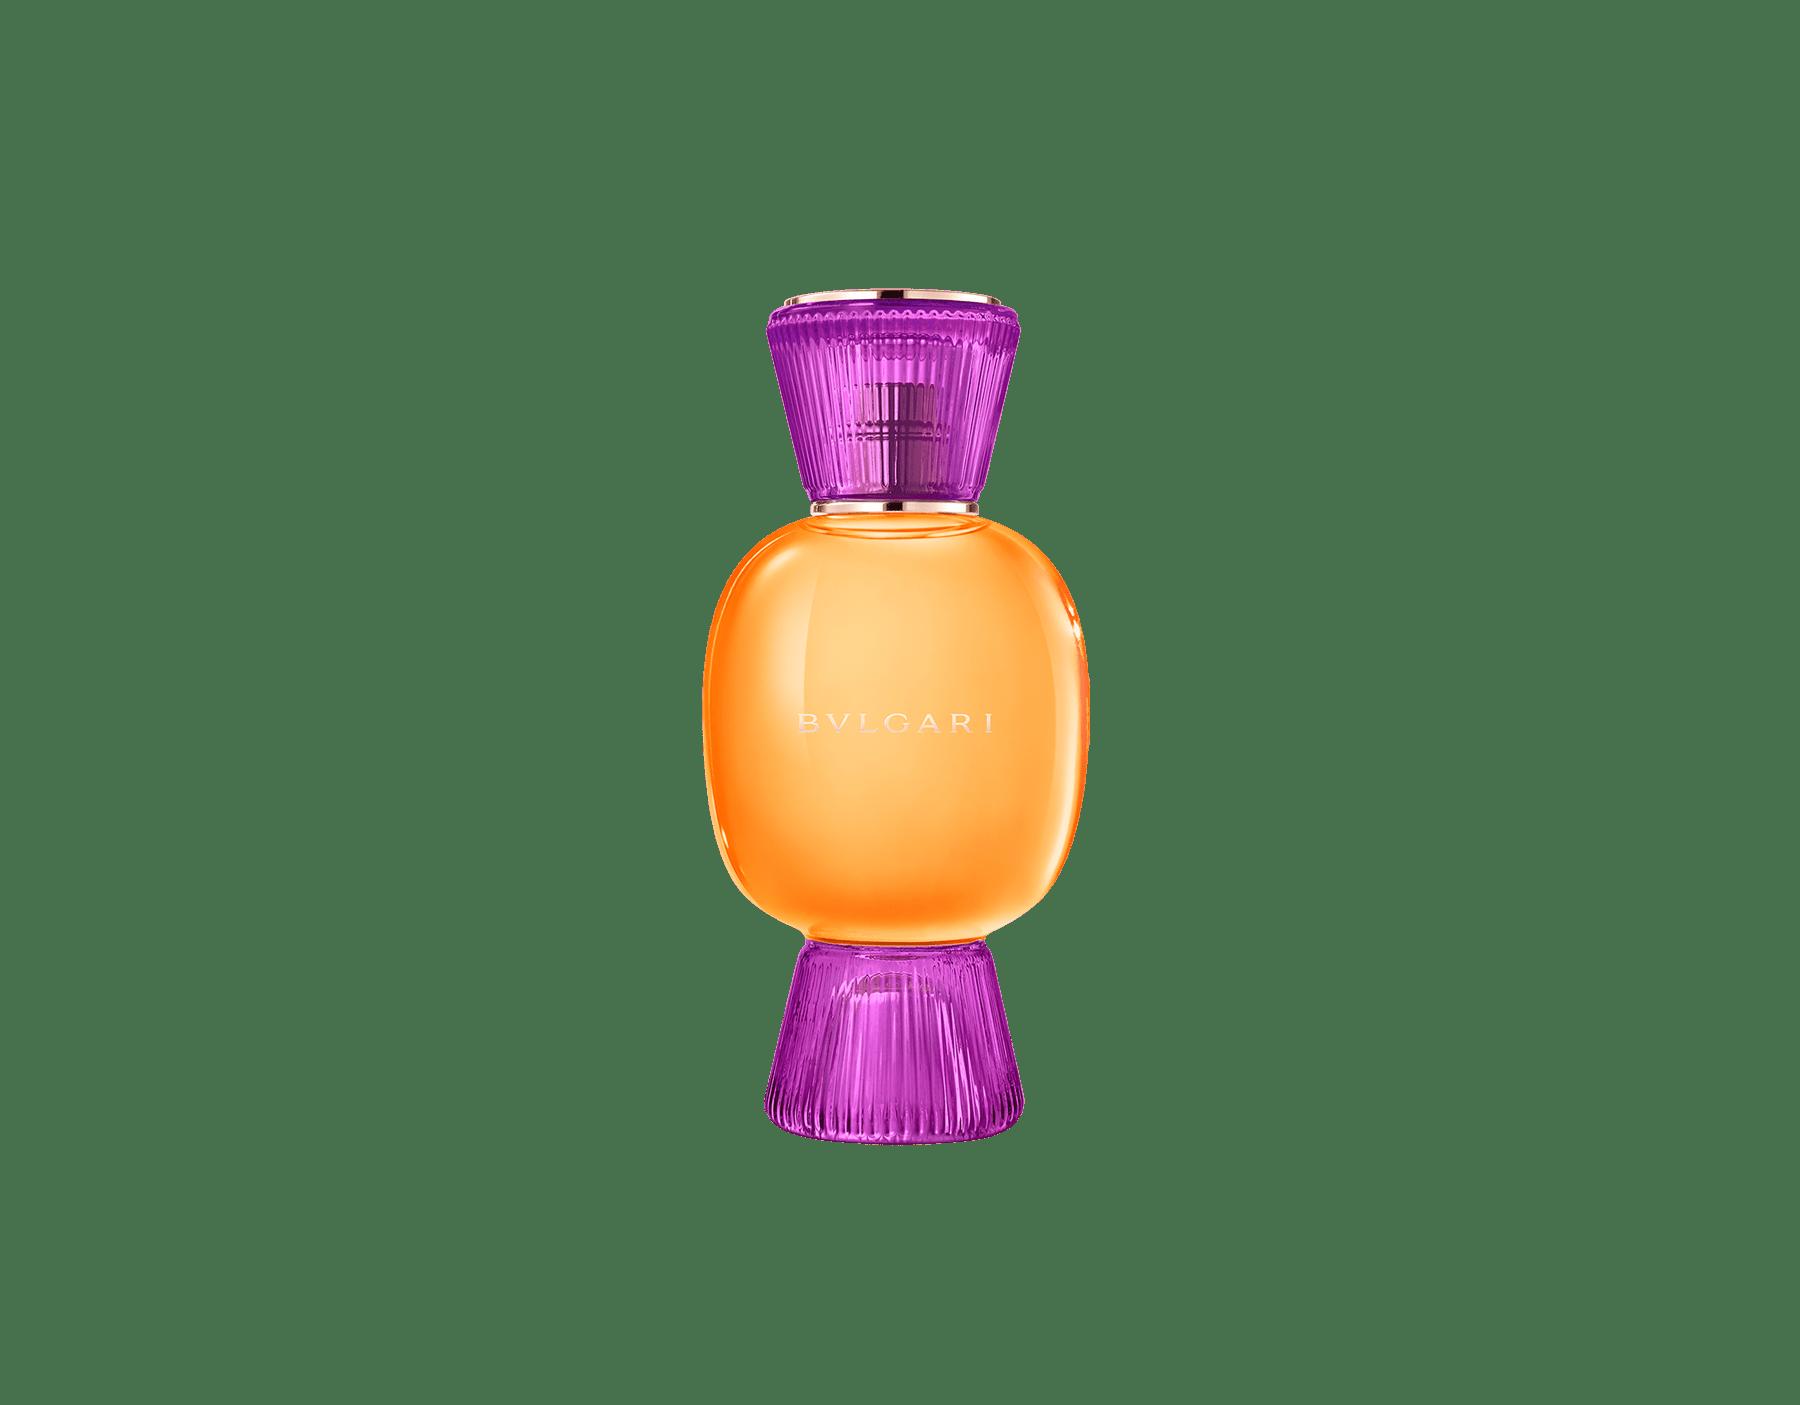 Una exclusiva combinación de perfumes, tan audaz y única como usted. El Eau de Parfum floriental licoroso Rock'n'Rome de Allegra se combina con el alegre frescor de la Magnifying Bergamot Essence, creando un irresistible perfume femenino personalizado.  Perfume-Set-Rock-n-Rome-Eau-de-Parfum-and-Bergamot-Magnifying image 2